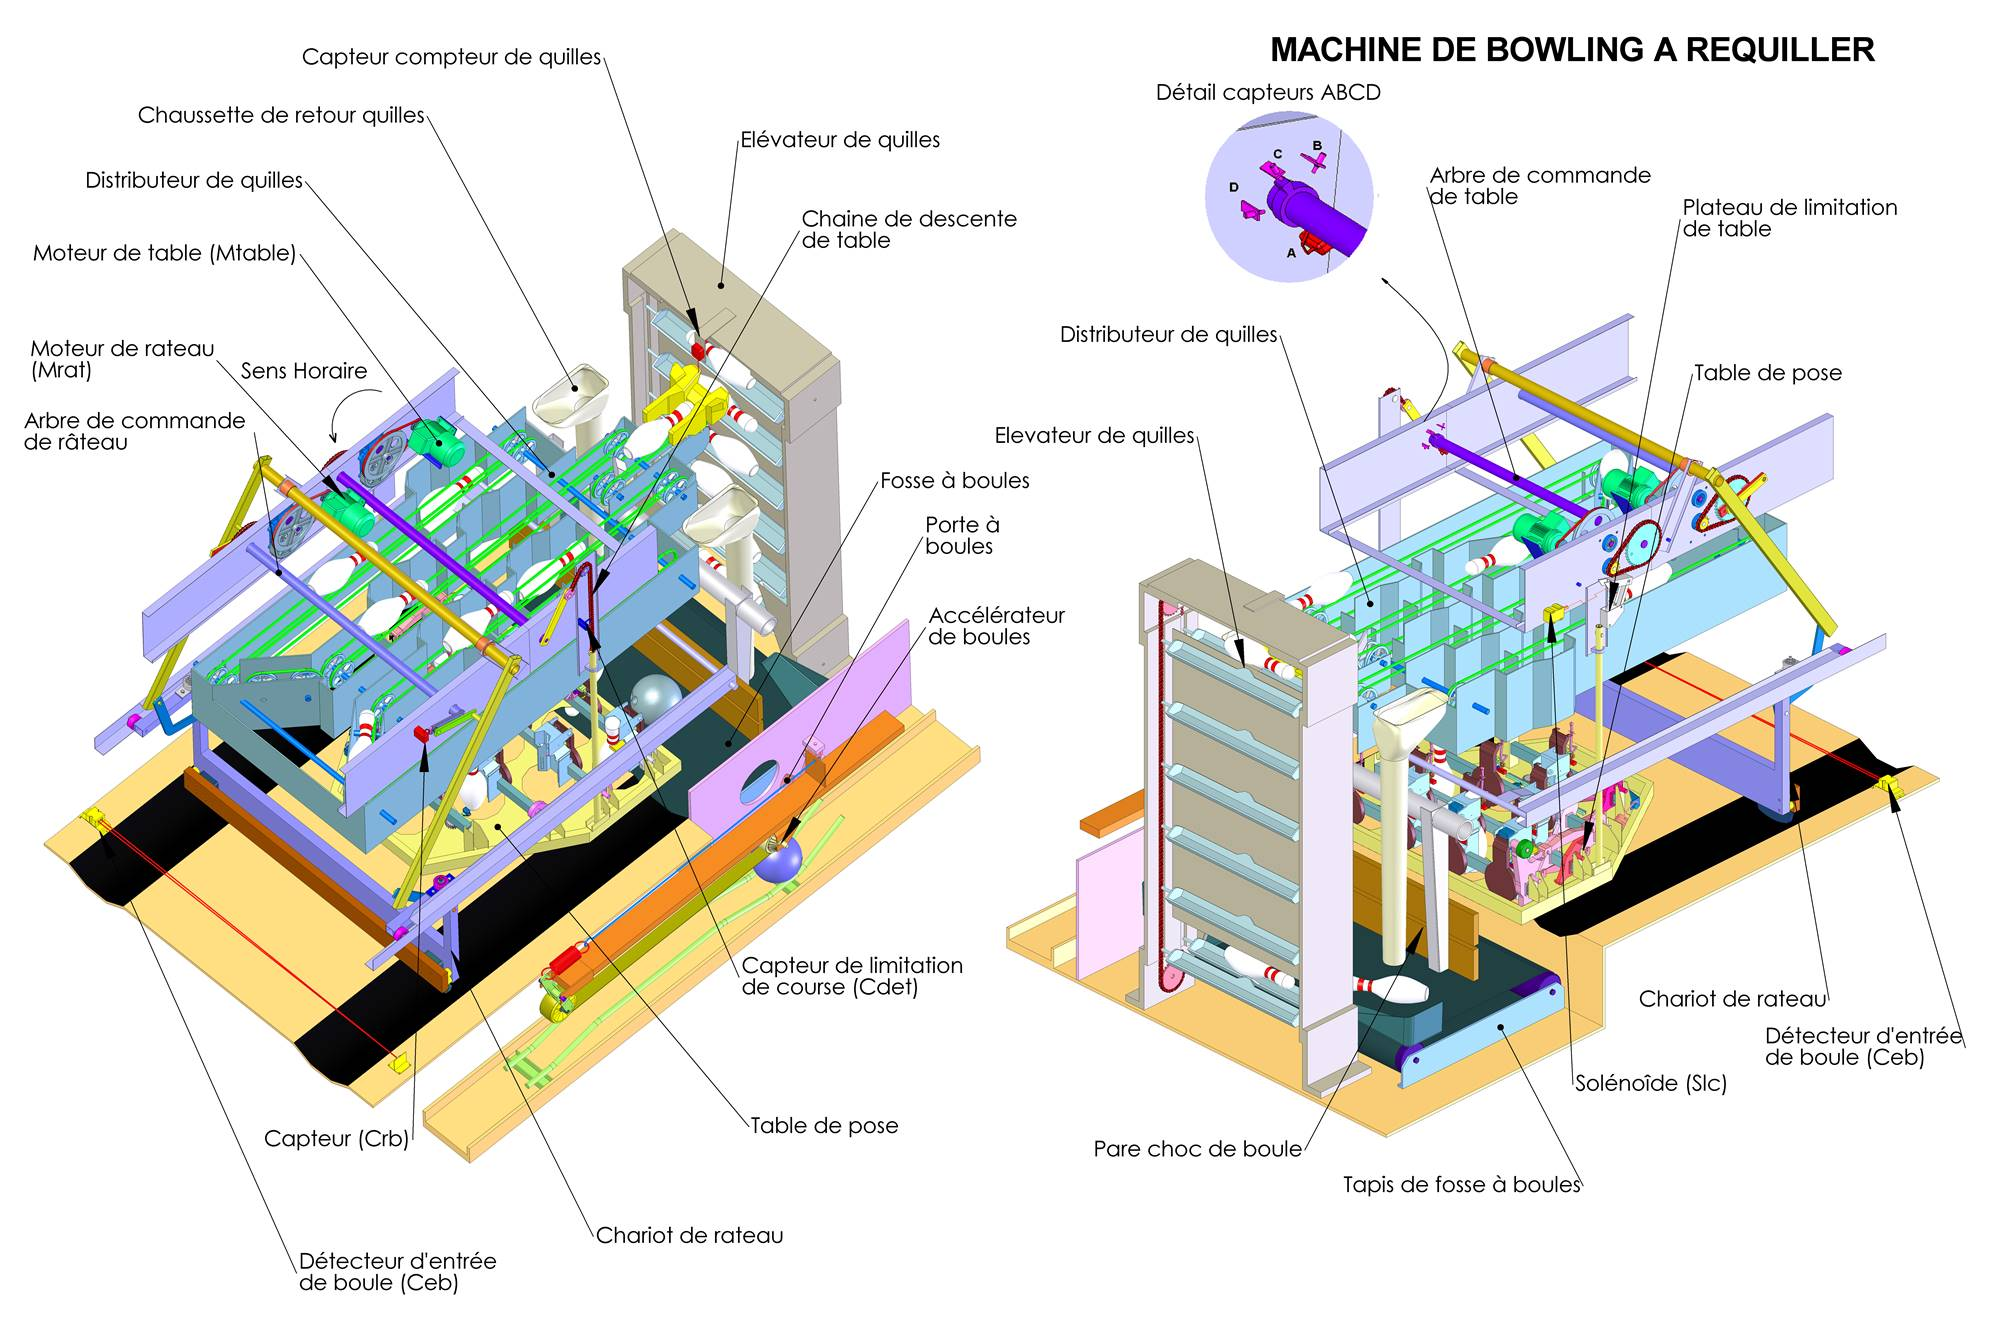 Ensemble détaillé d'une machine à requiller